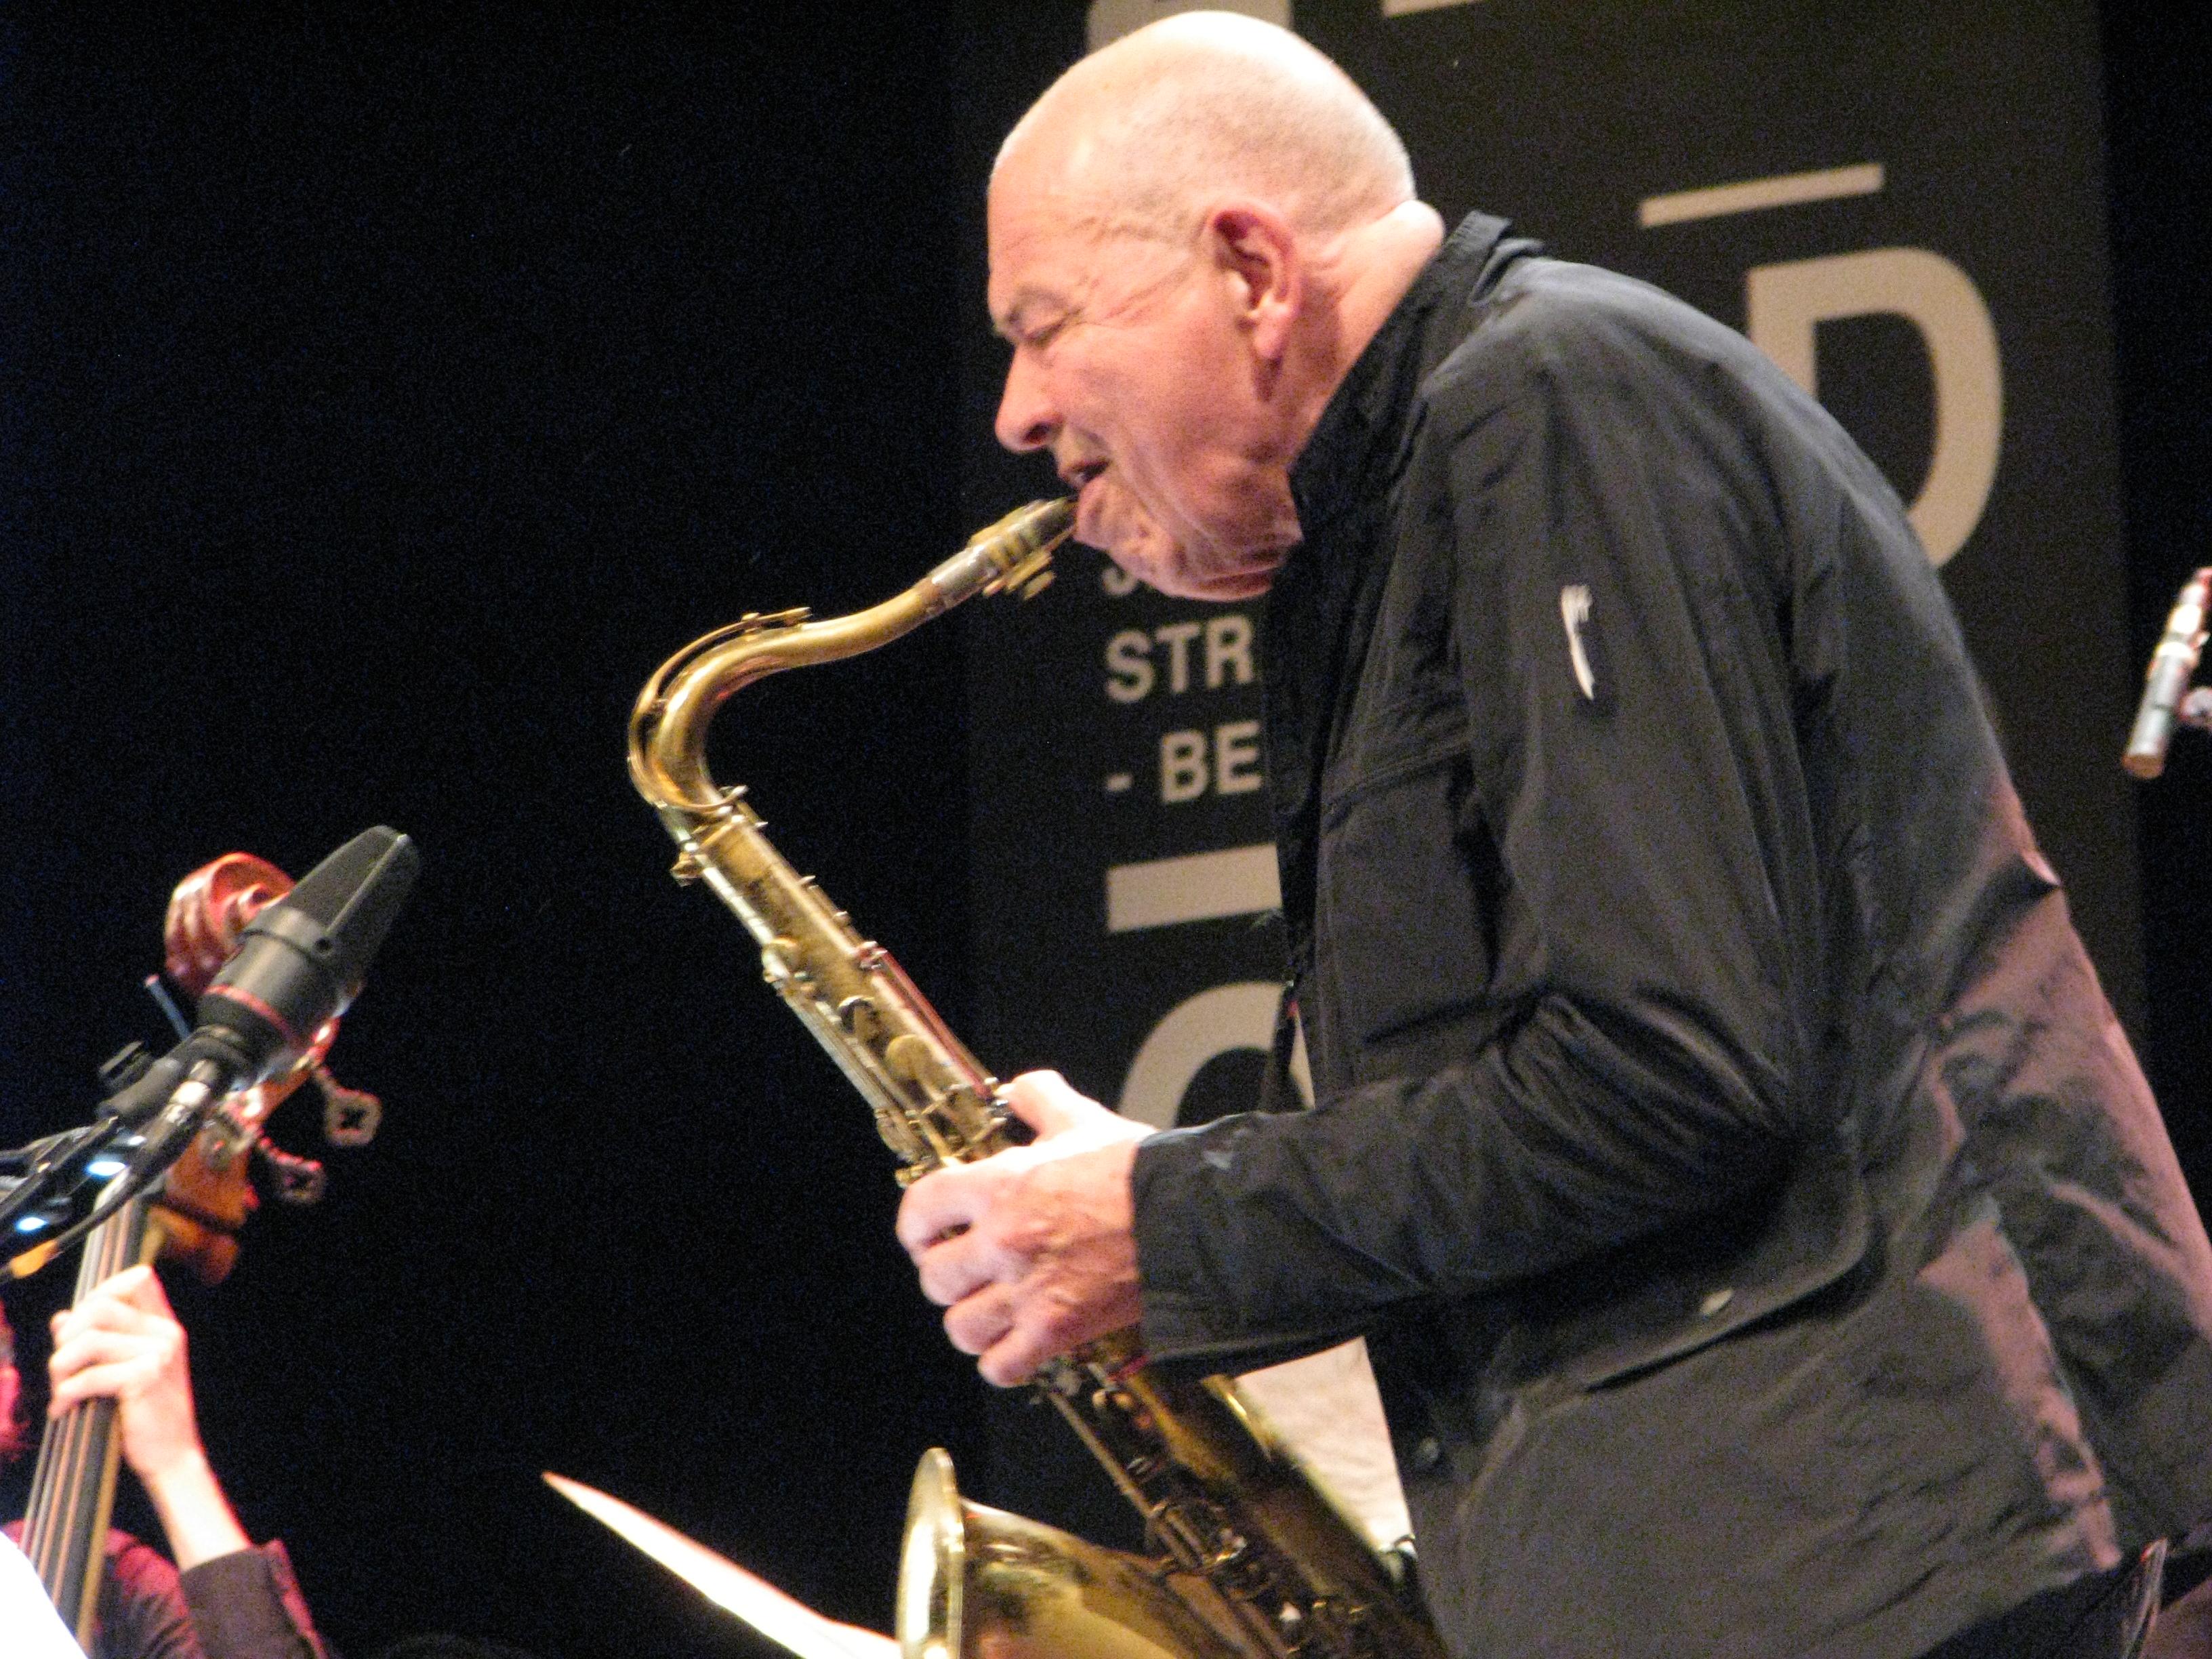 Heinz sauer jazzdor berlin 2013